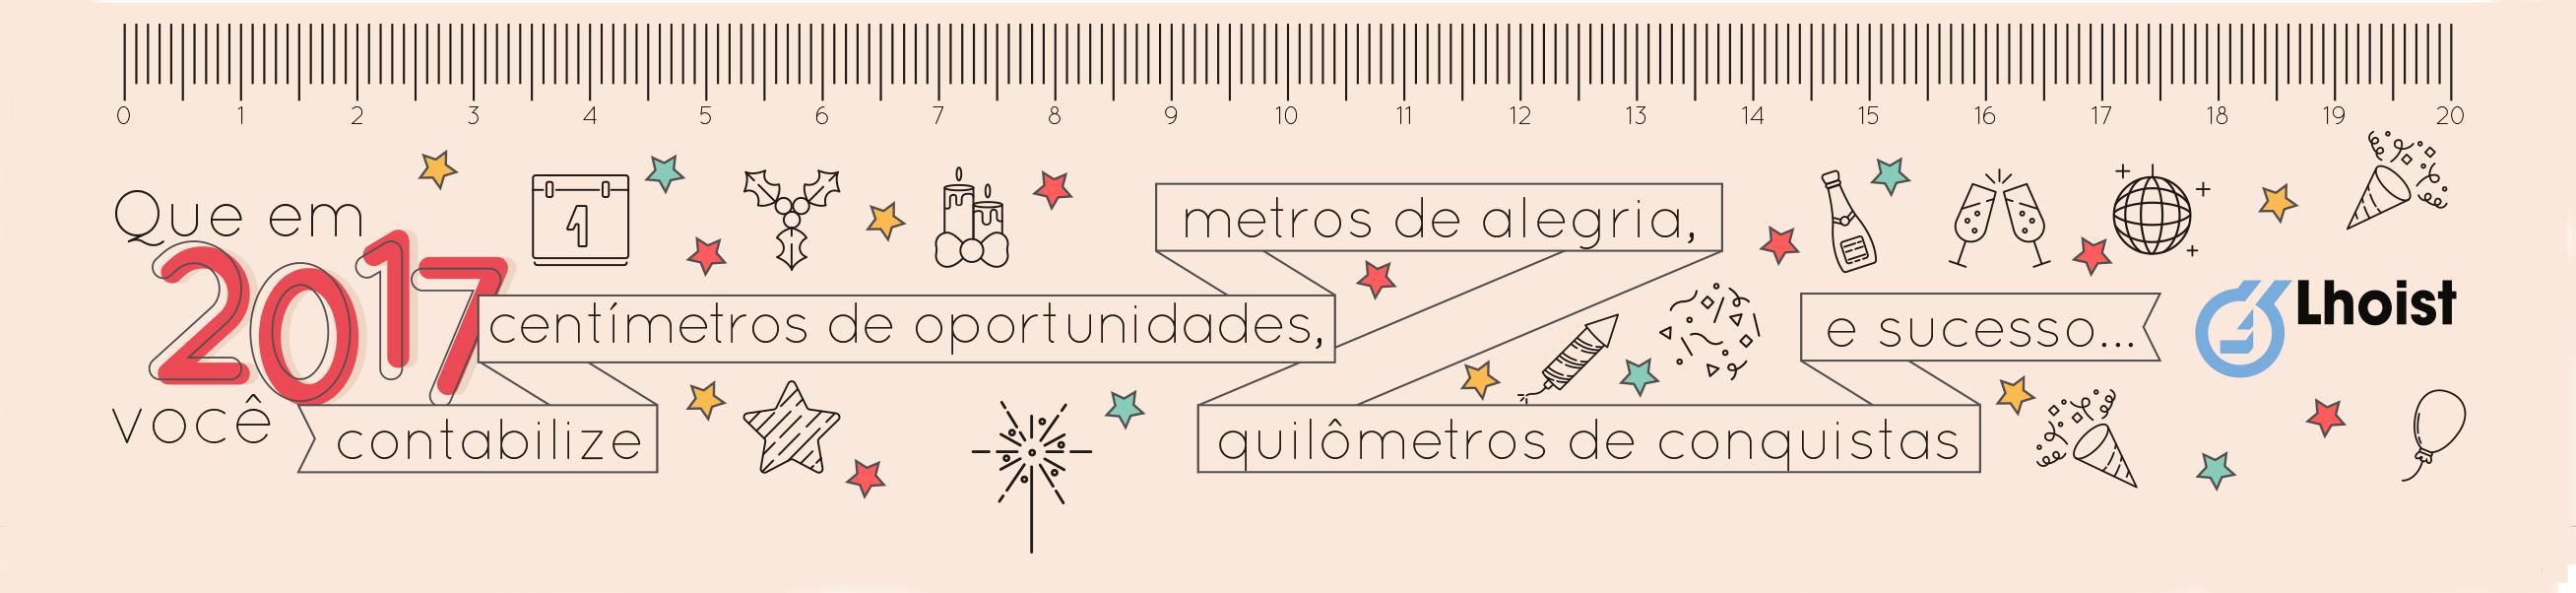 lhoist_cartao natal_funcionarios_regua